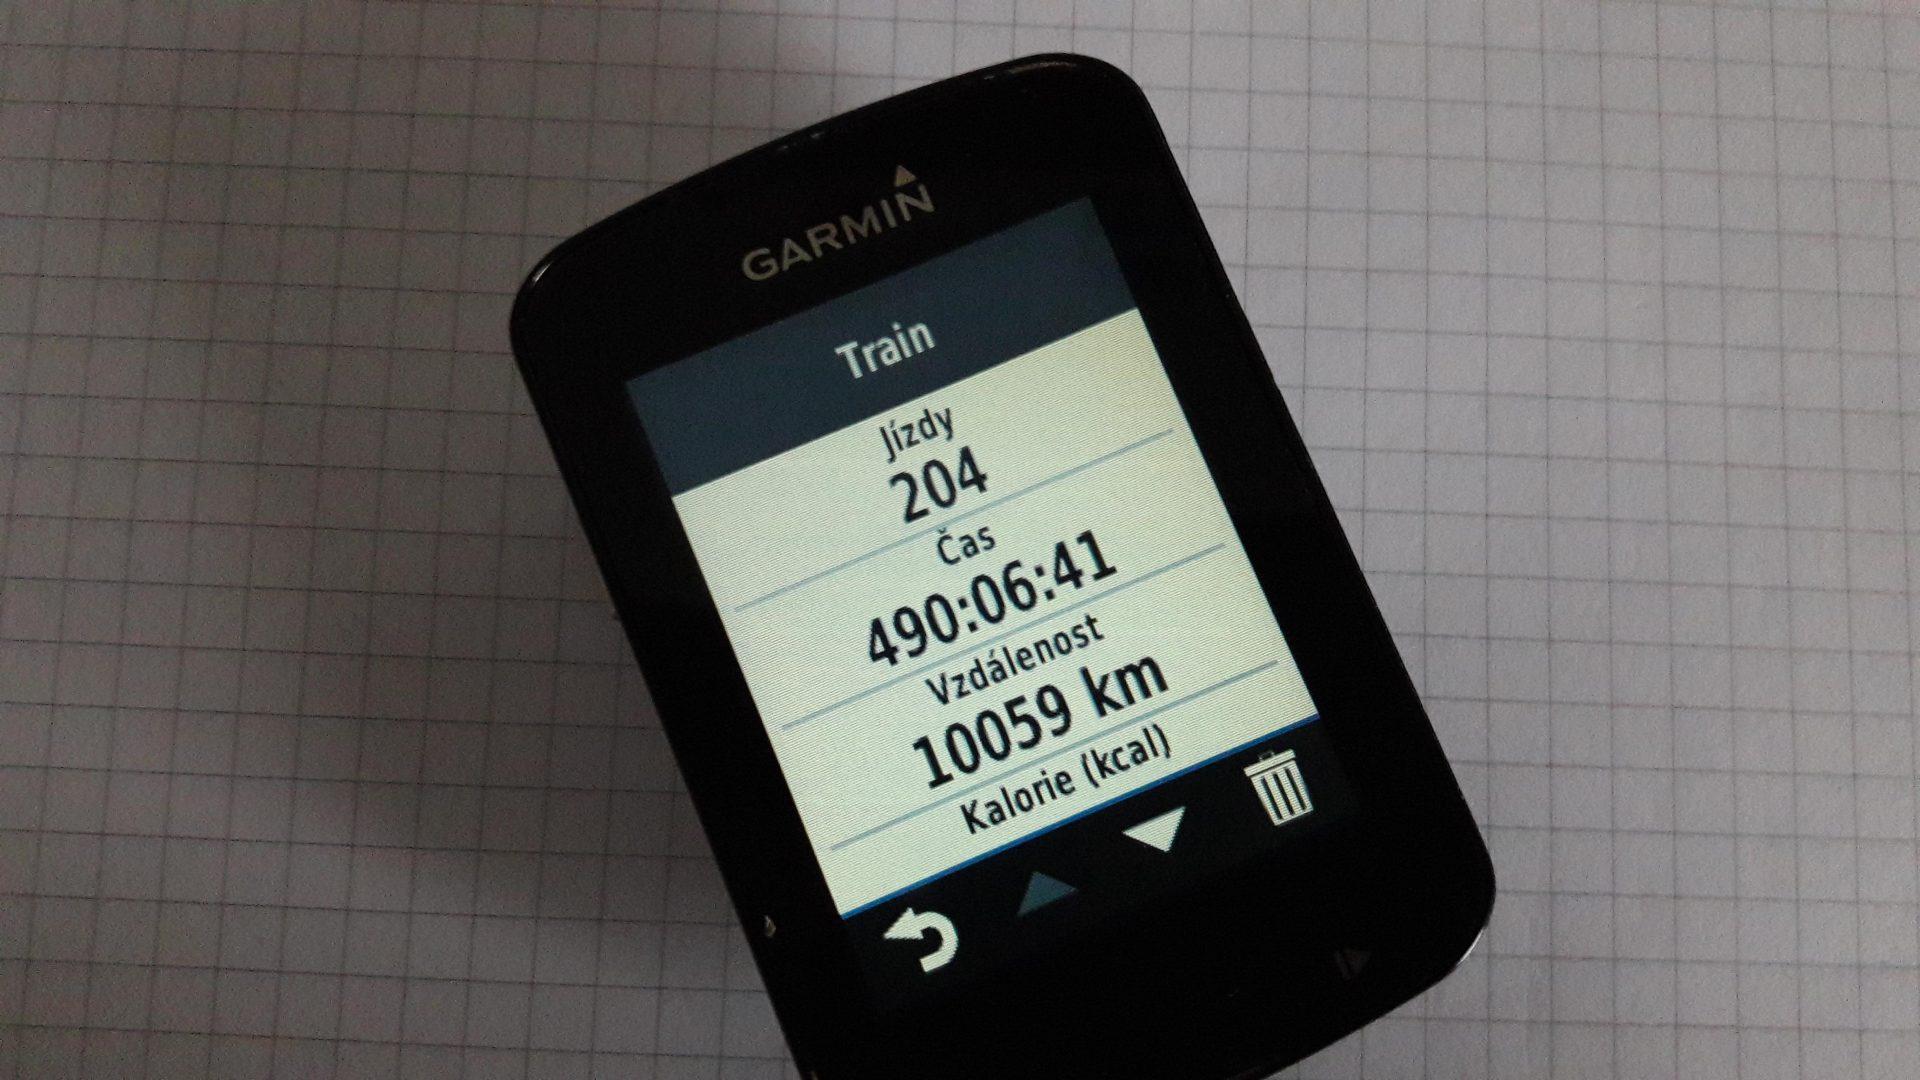 Hledáte motivaci do cyklistického tréninku? Zkuste během jediného roku najet deset tisíc kilometrů.